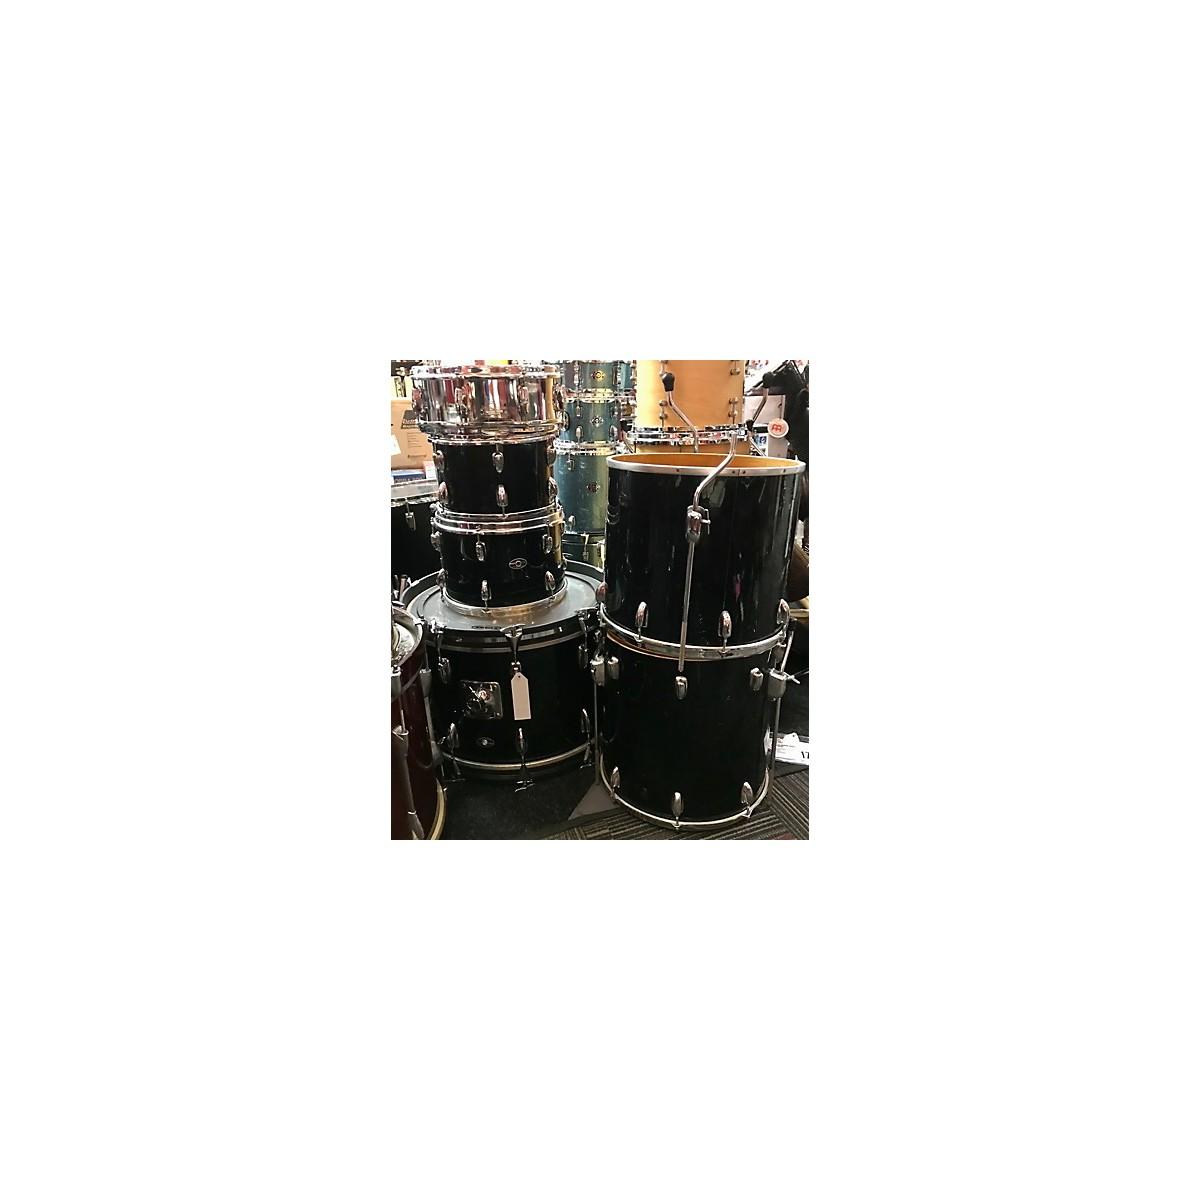 In Store Vintage Vintage 1970s Singerland 6 piece Vintage Black Drum Kit